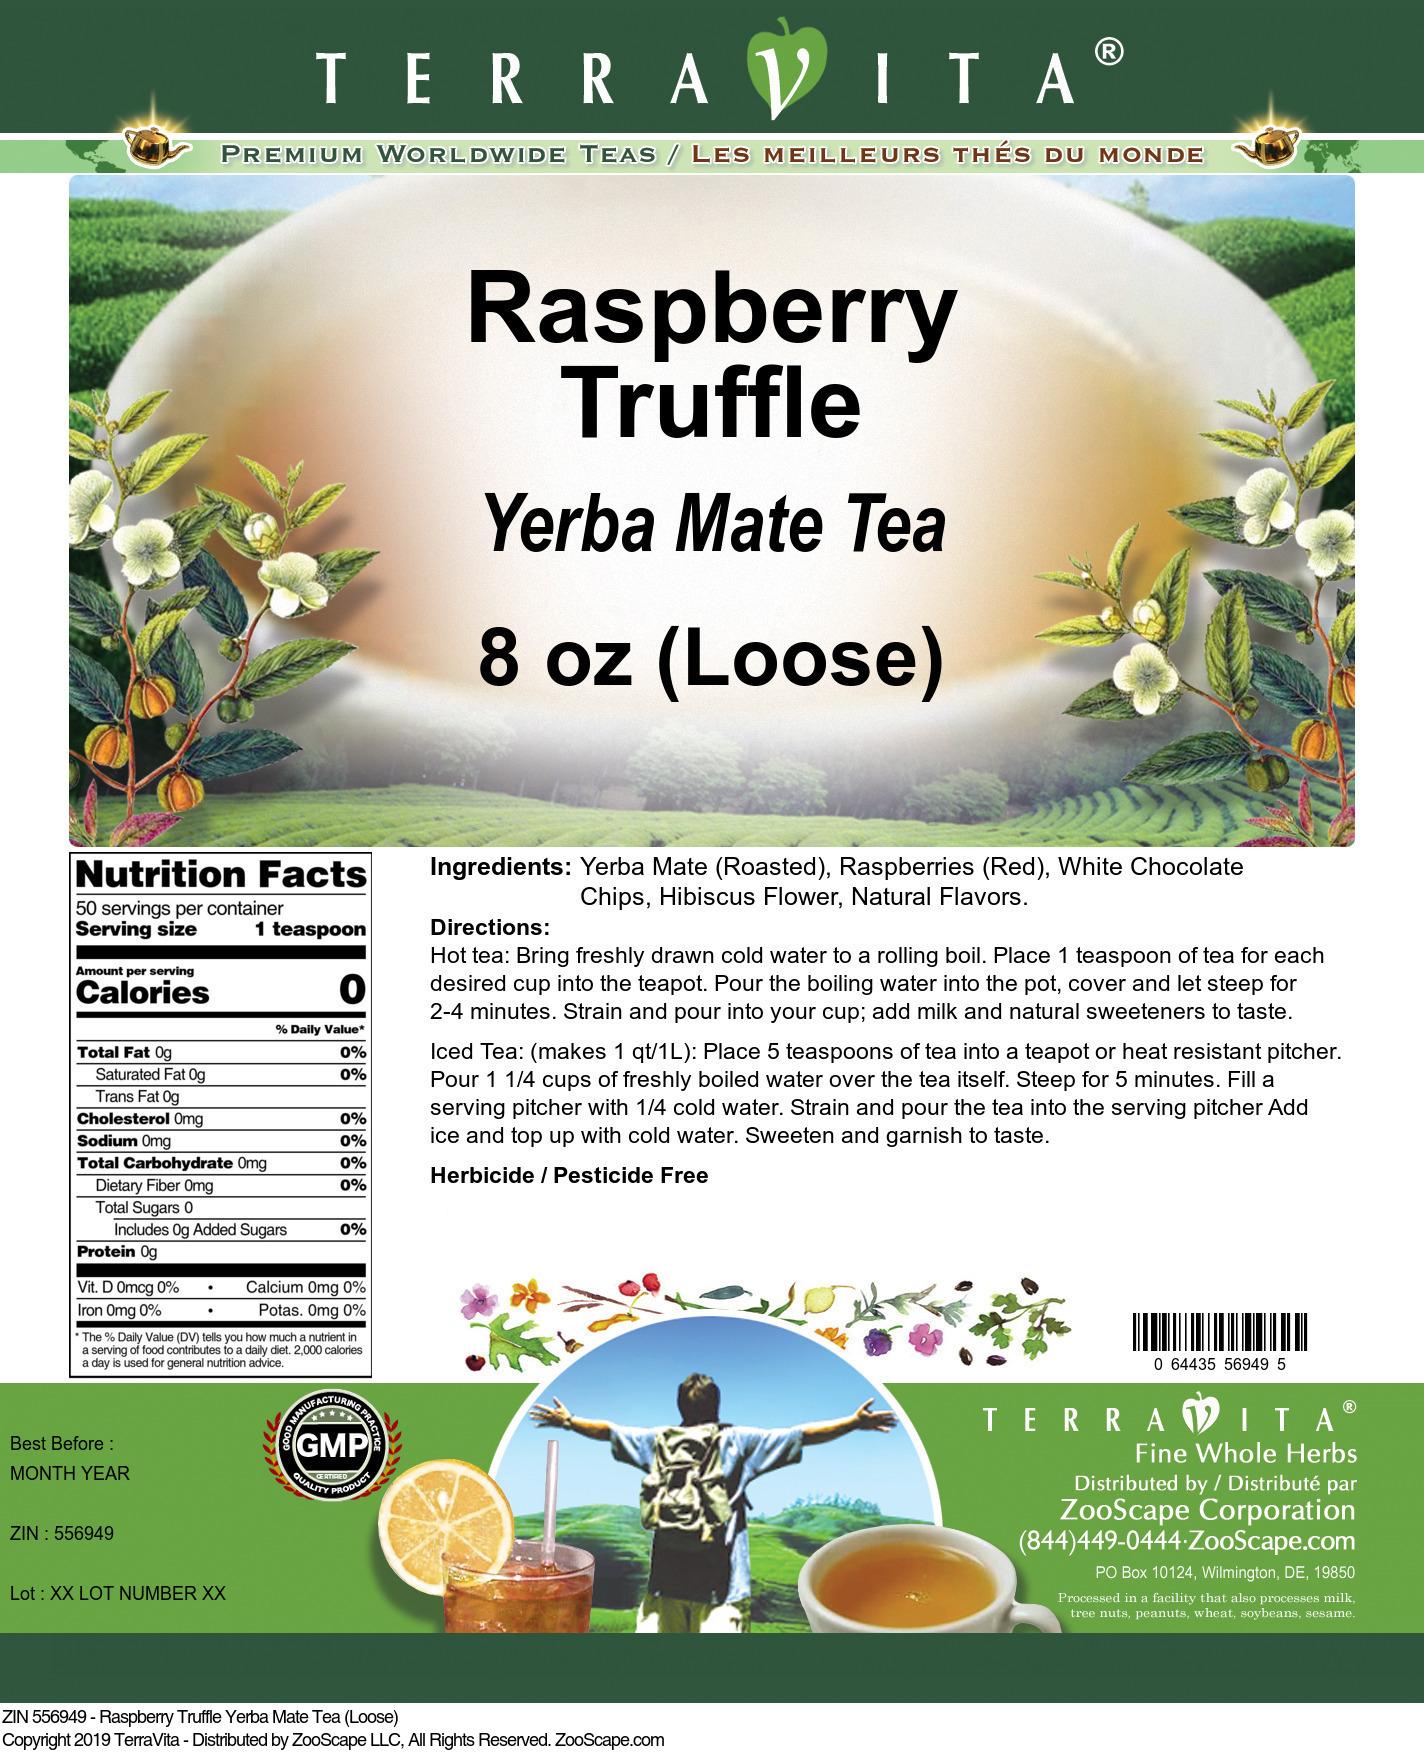 Raspberry Truffle Yerba Mate